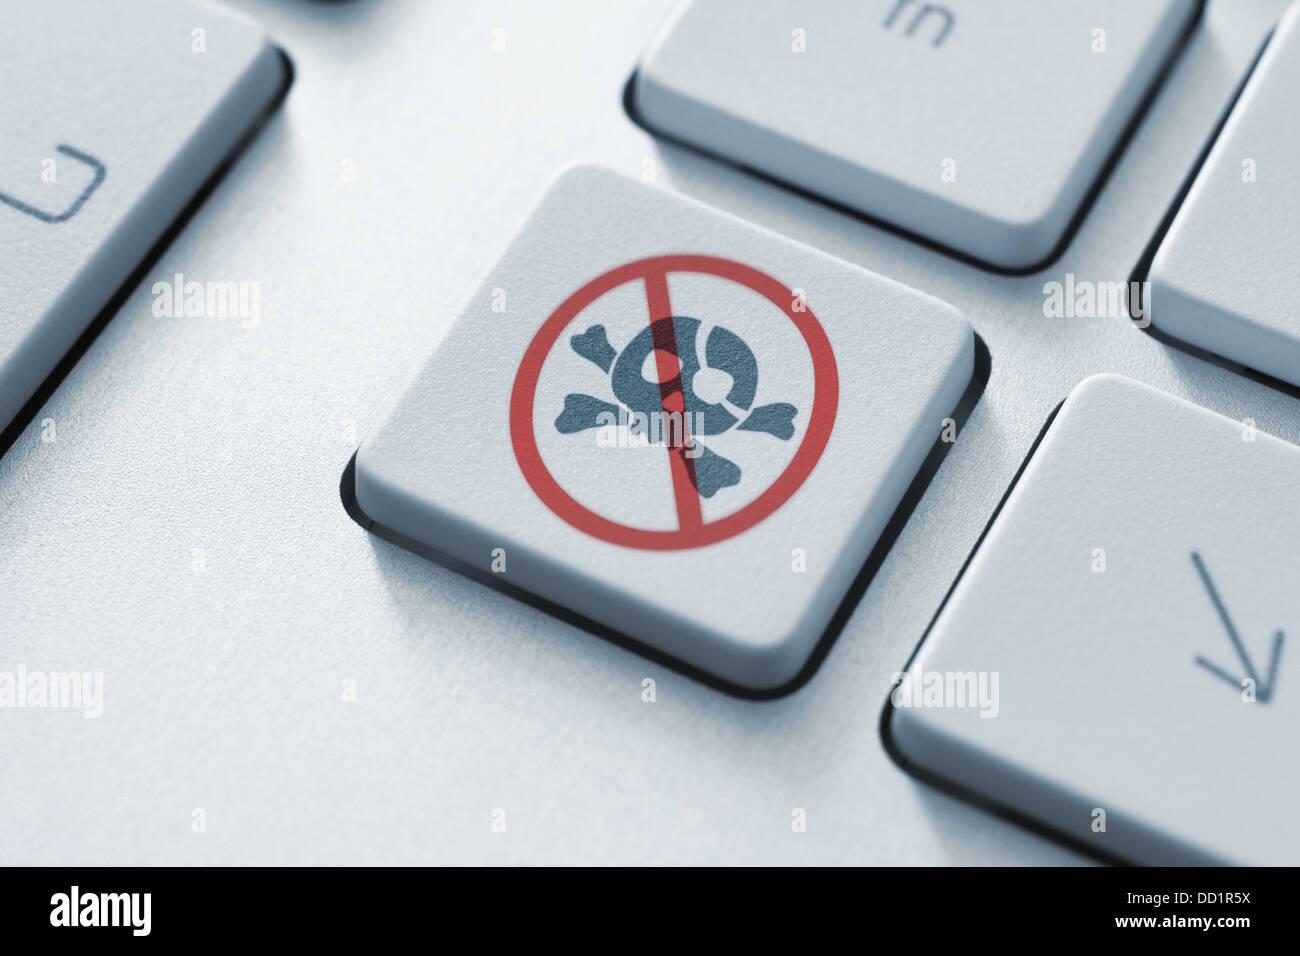 Anti Piracy Key - Stock Image